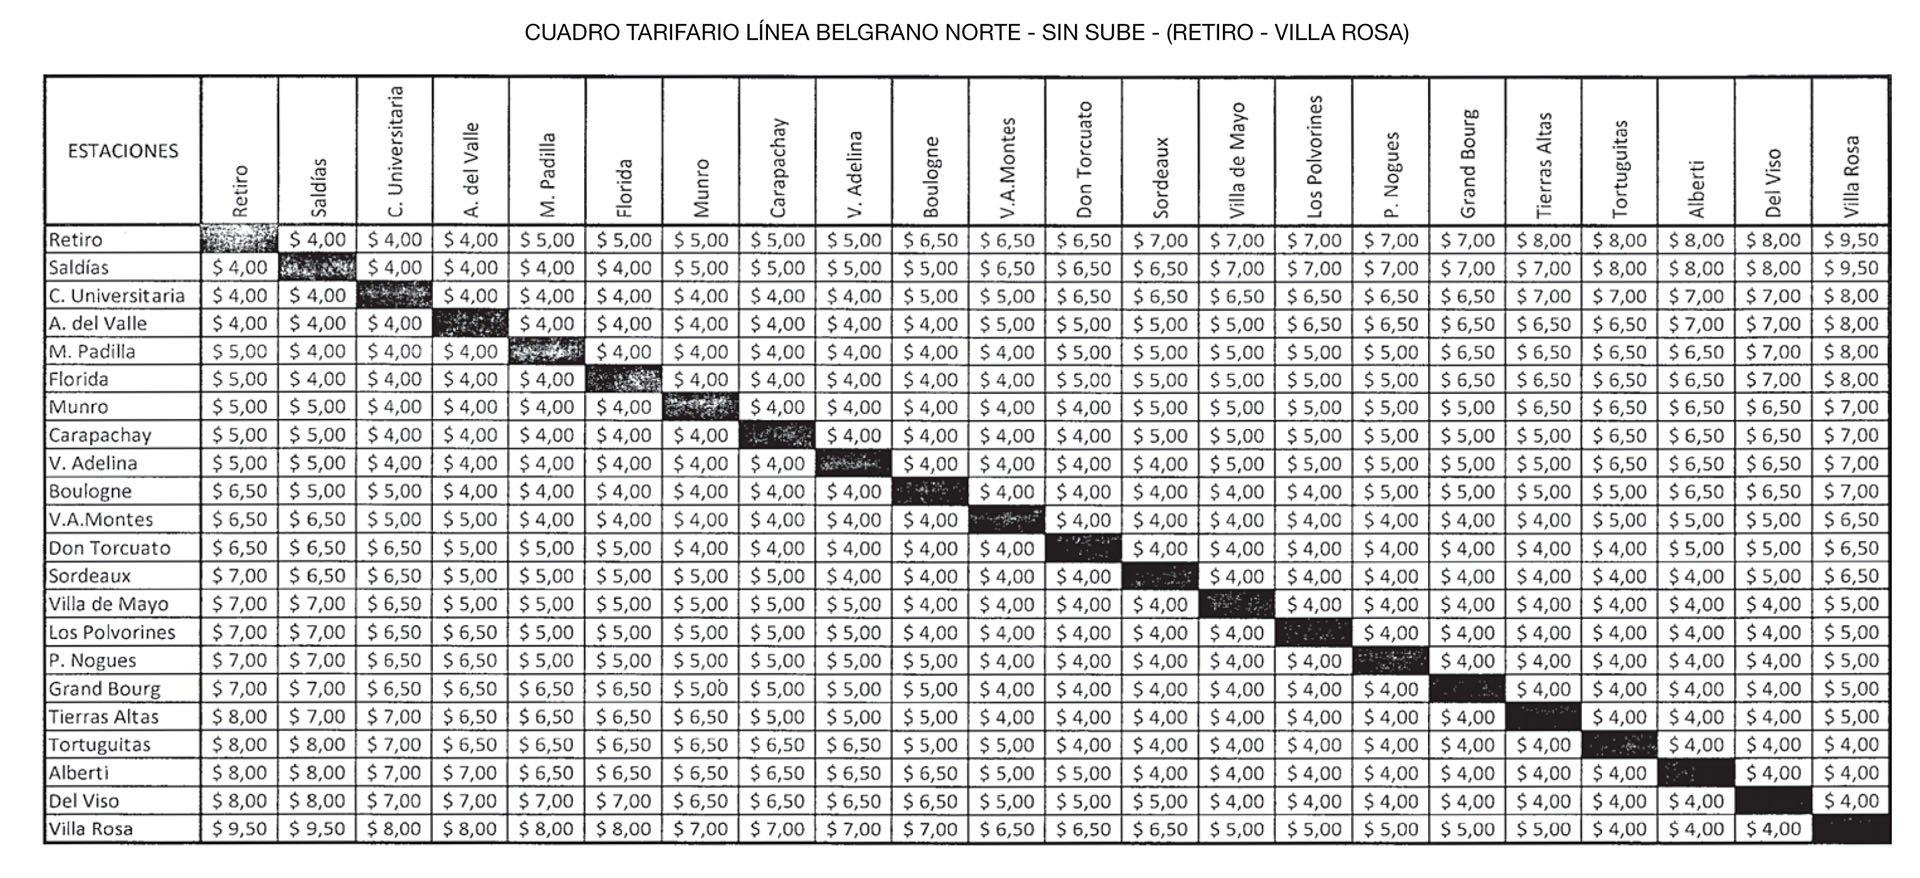 Nuevas tarifas para el ferrocarril Belgrano Norte sin SUBE